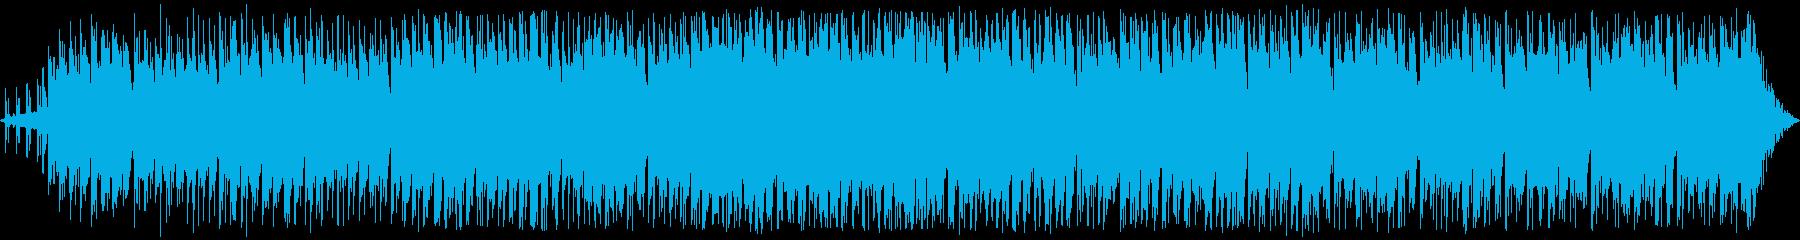 かわいい感じのエレクトロポップス別verの再生済みの波形